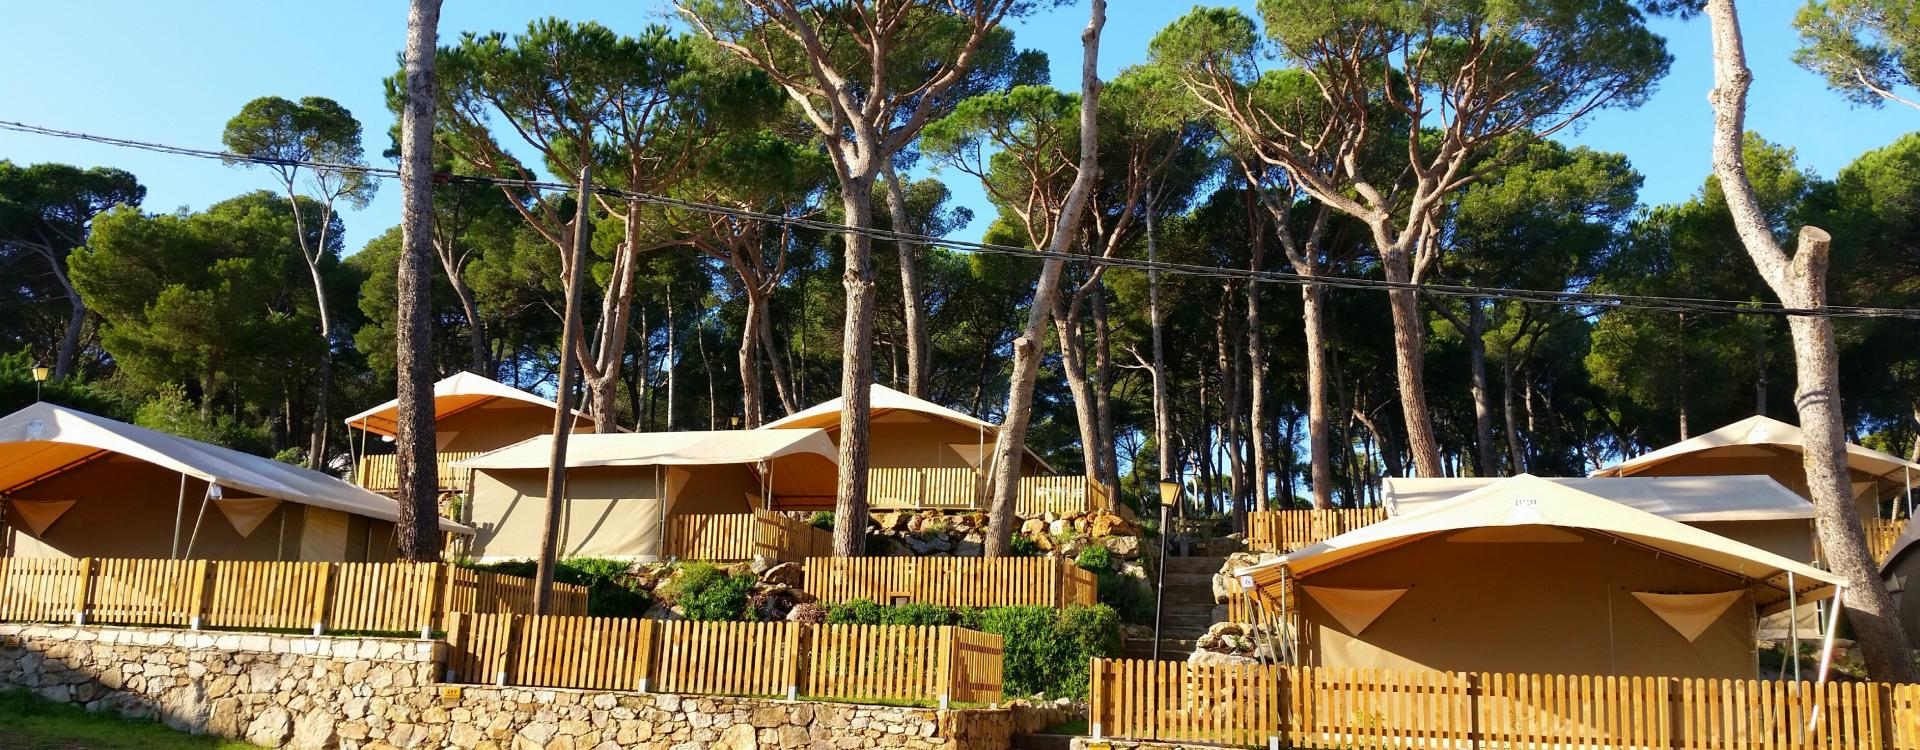 Luxury tent area